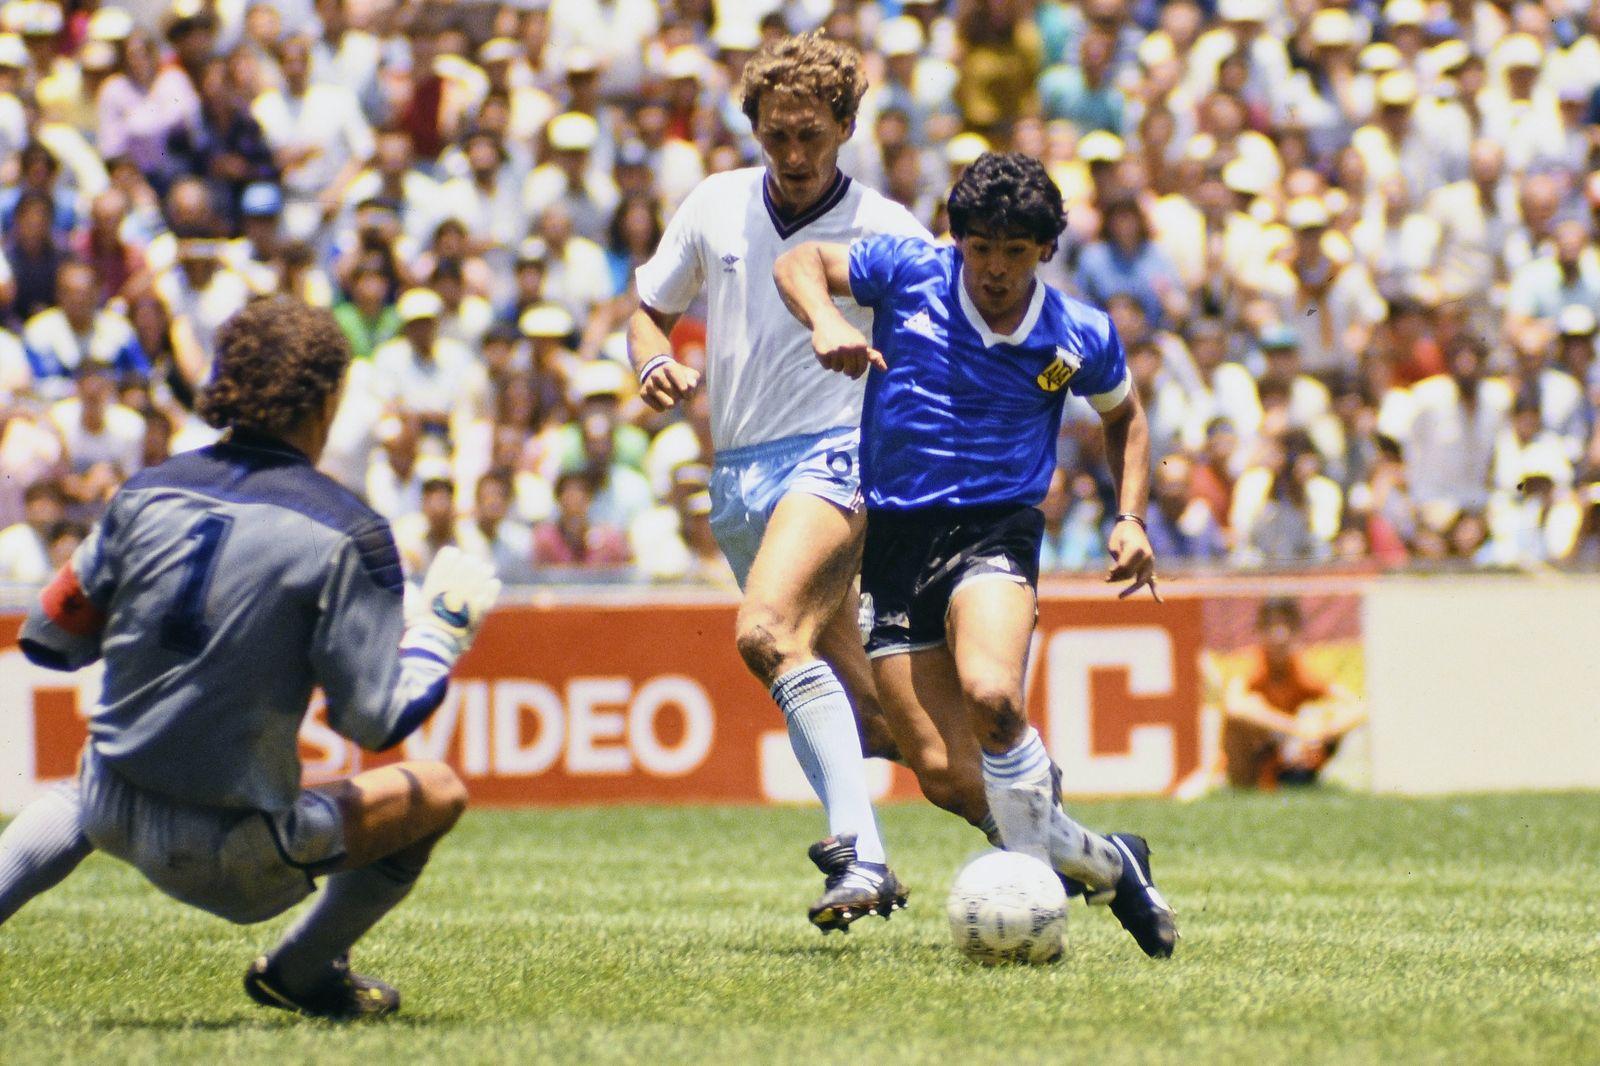 DIEGO MARADONA, Argentina, Goal, TERRY BUTCHER, England, World Cup Mexico 1986, Quarter Final, Argentina vs England 2-1,